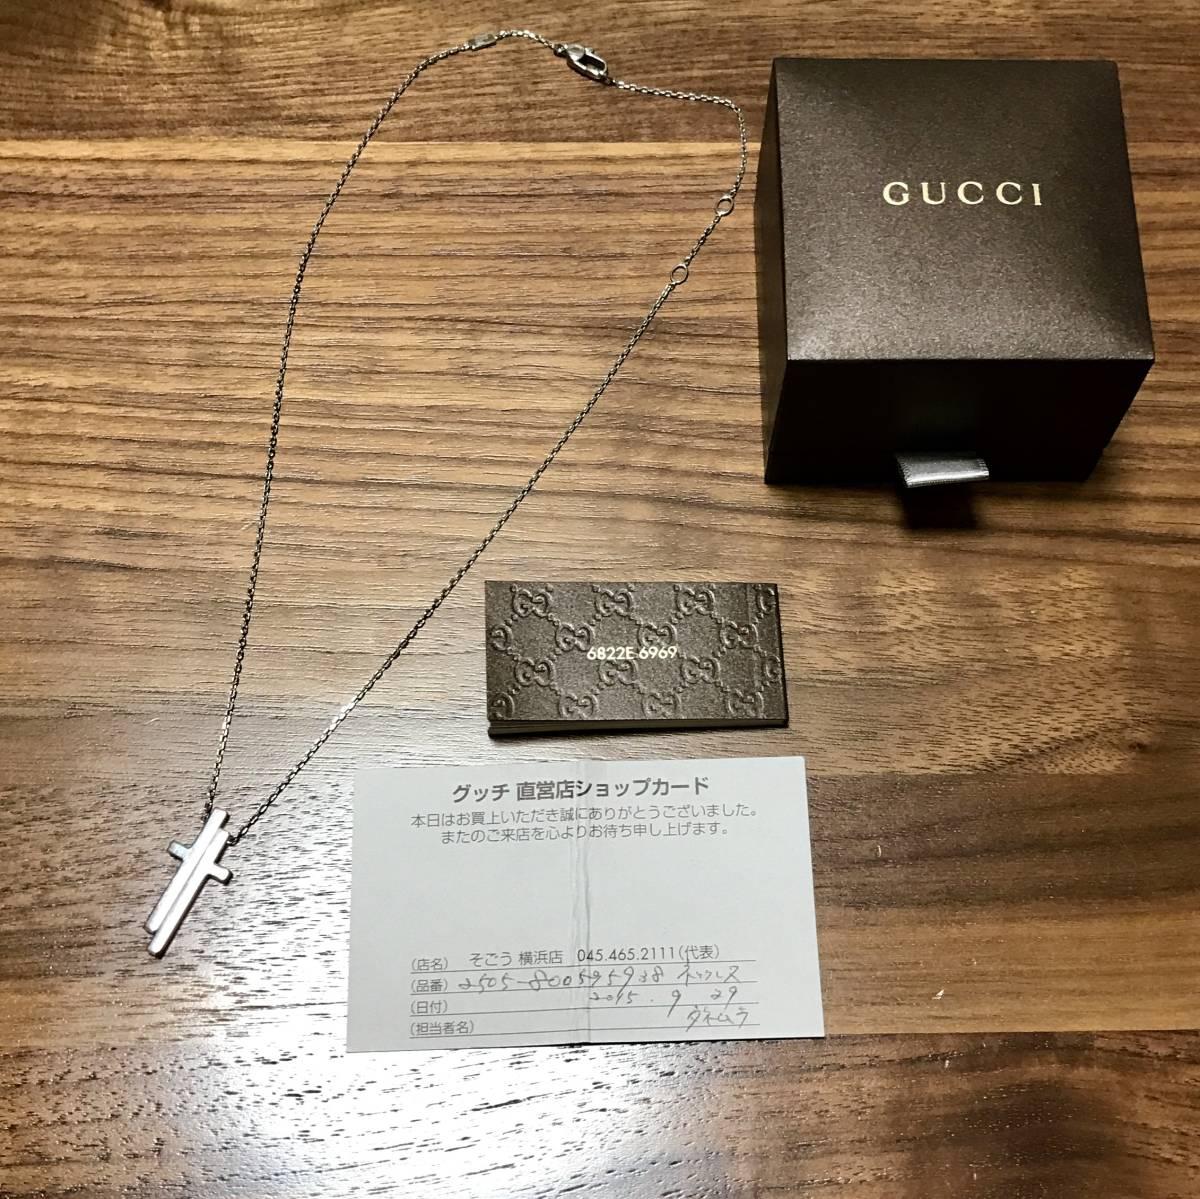 グッチ正規店購入GUCCI18金WGセパレートクロスネックレスMr.Childrenミスチル桜井さん着用同型同色同様品。定価266,760円。